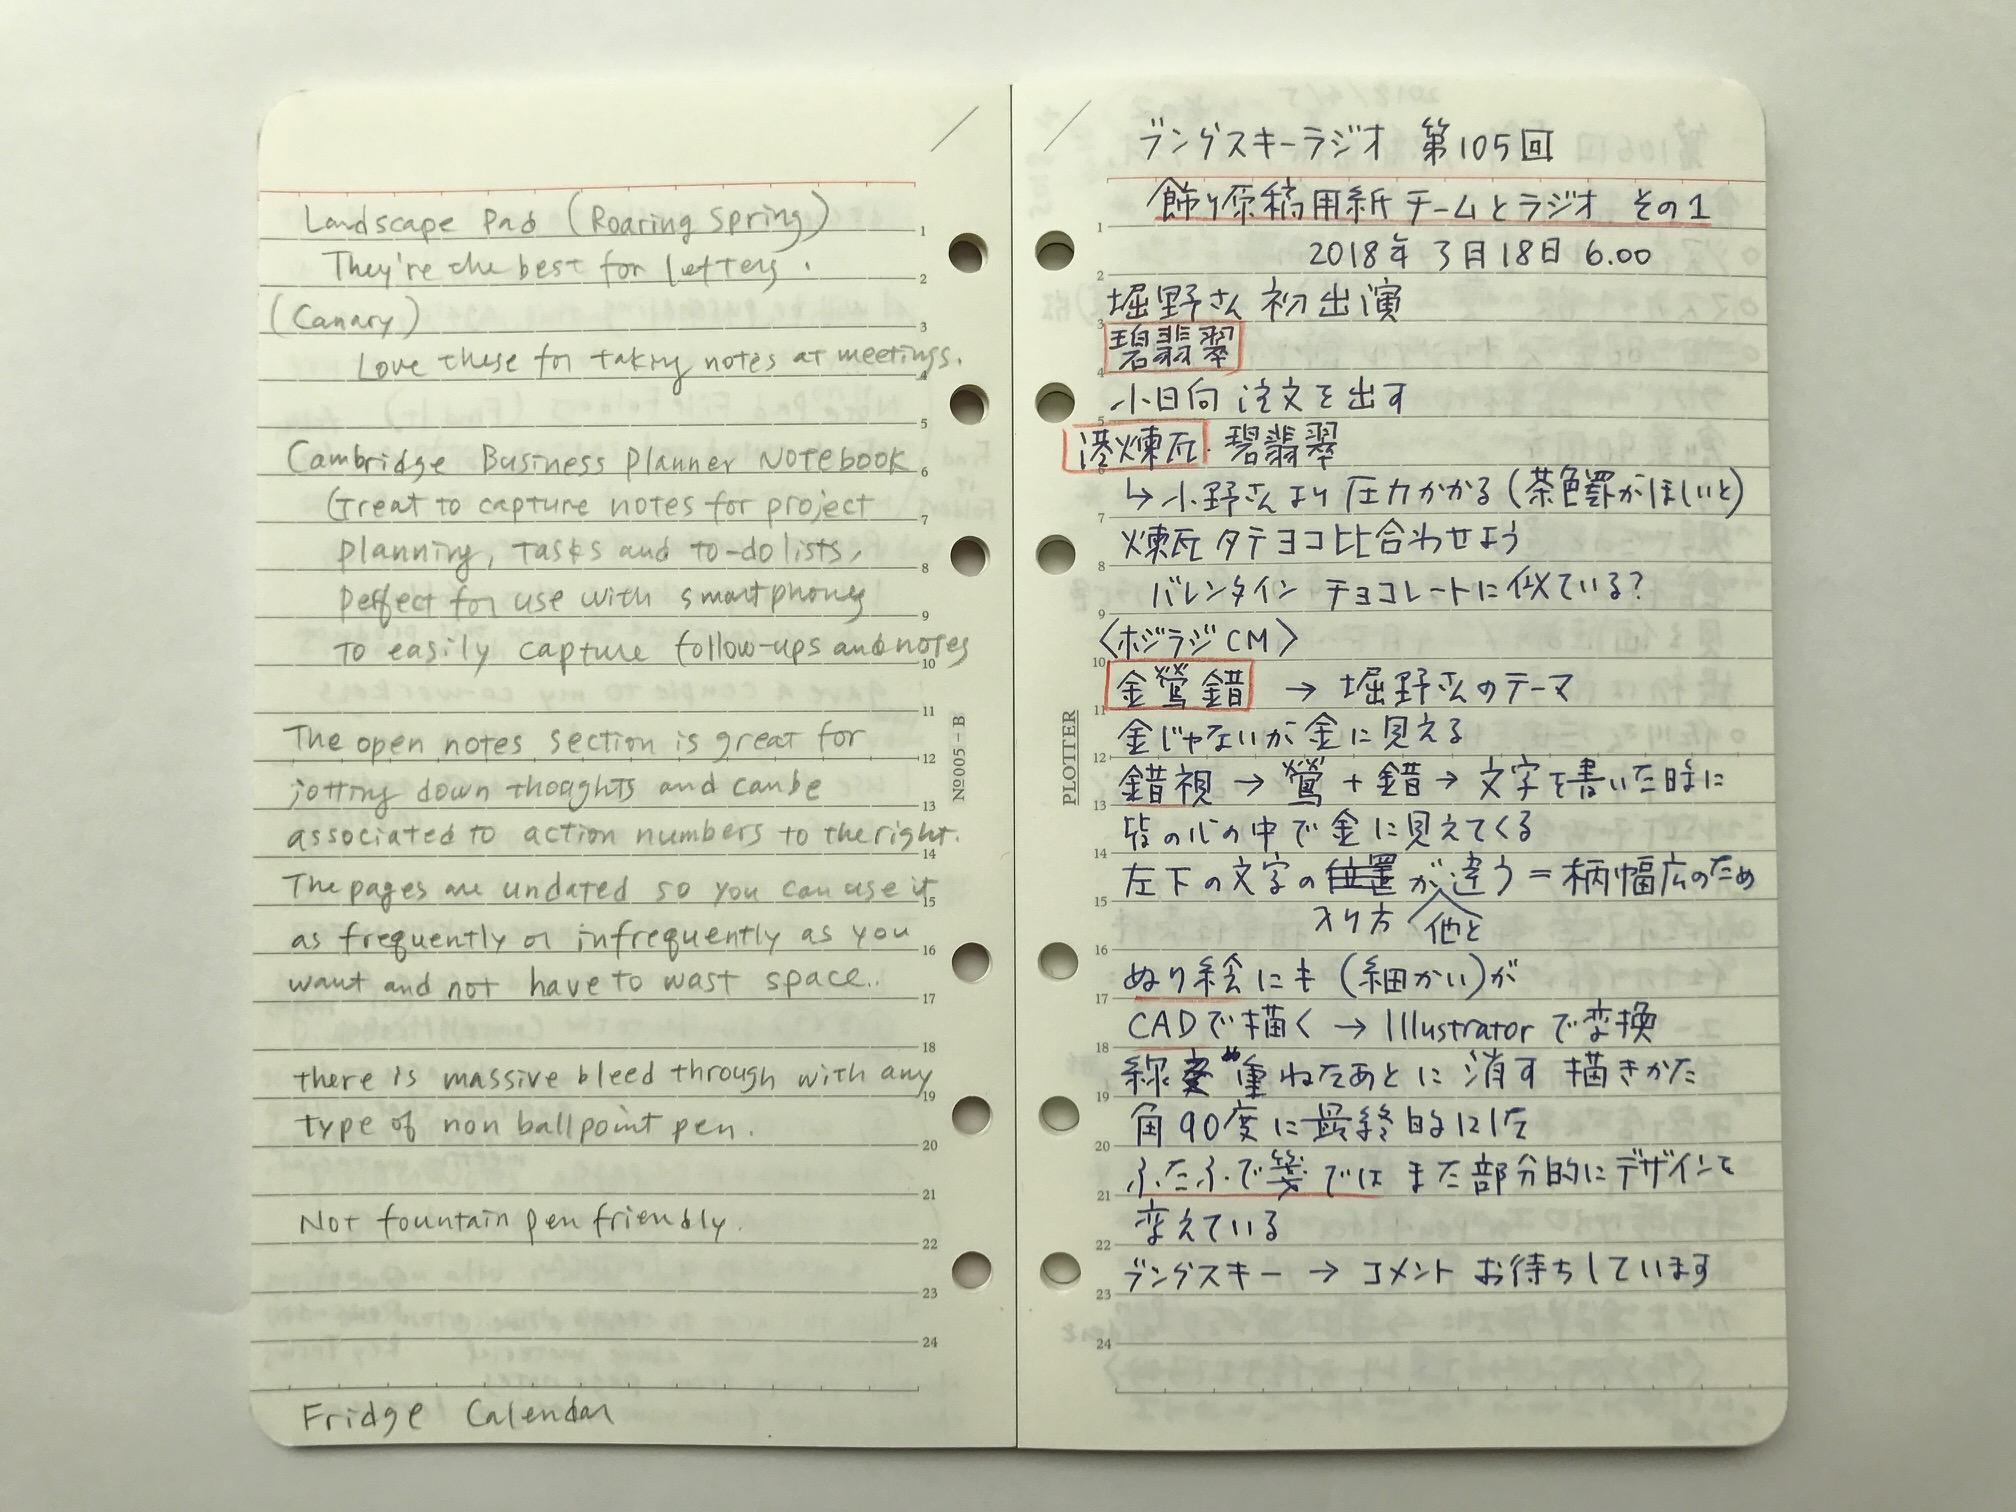 小日向京のひねもす文房具|第百四十二回「デザインフィル PLOTTER(プロッター)リフィルメモパッド 6ミリ罫線 バイブルサイズ」